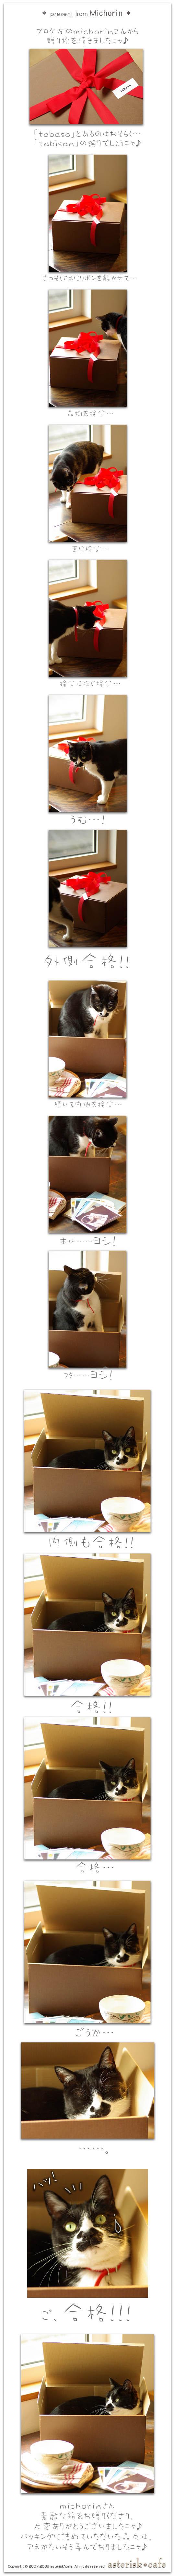 足袋之介ニャ!Vol.9 ~猫まったりな贈り物♪ _a0136878_16222633.jpg